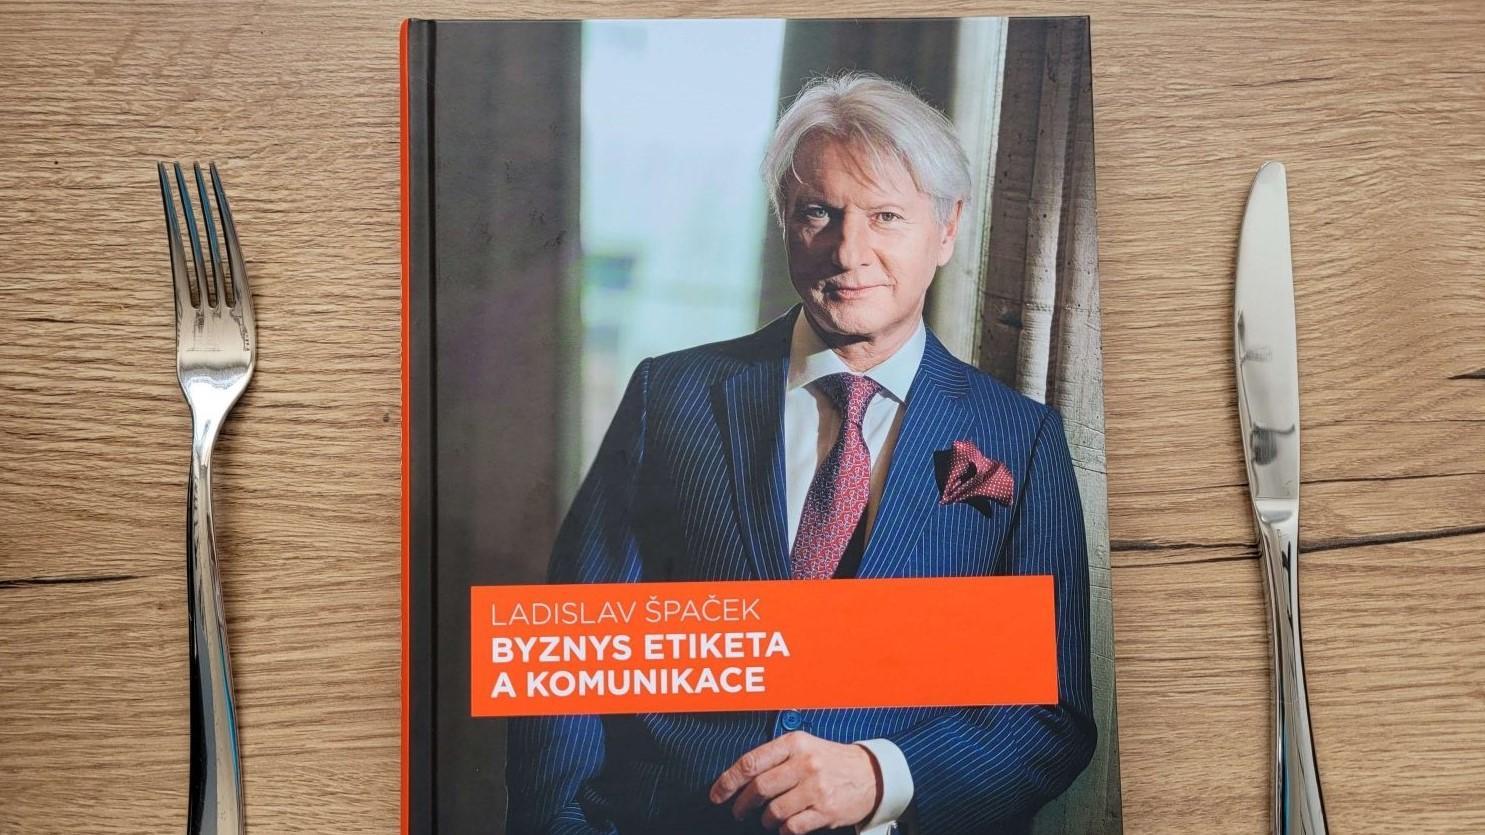 Jak vypadá novinka od Ladislava Špačka – Byznys etiketa a komunikace?